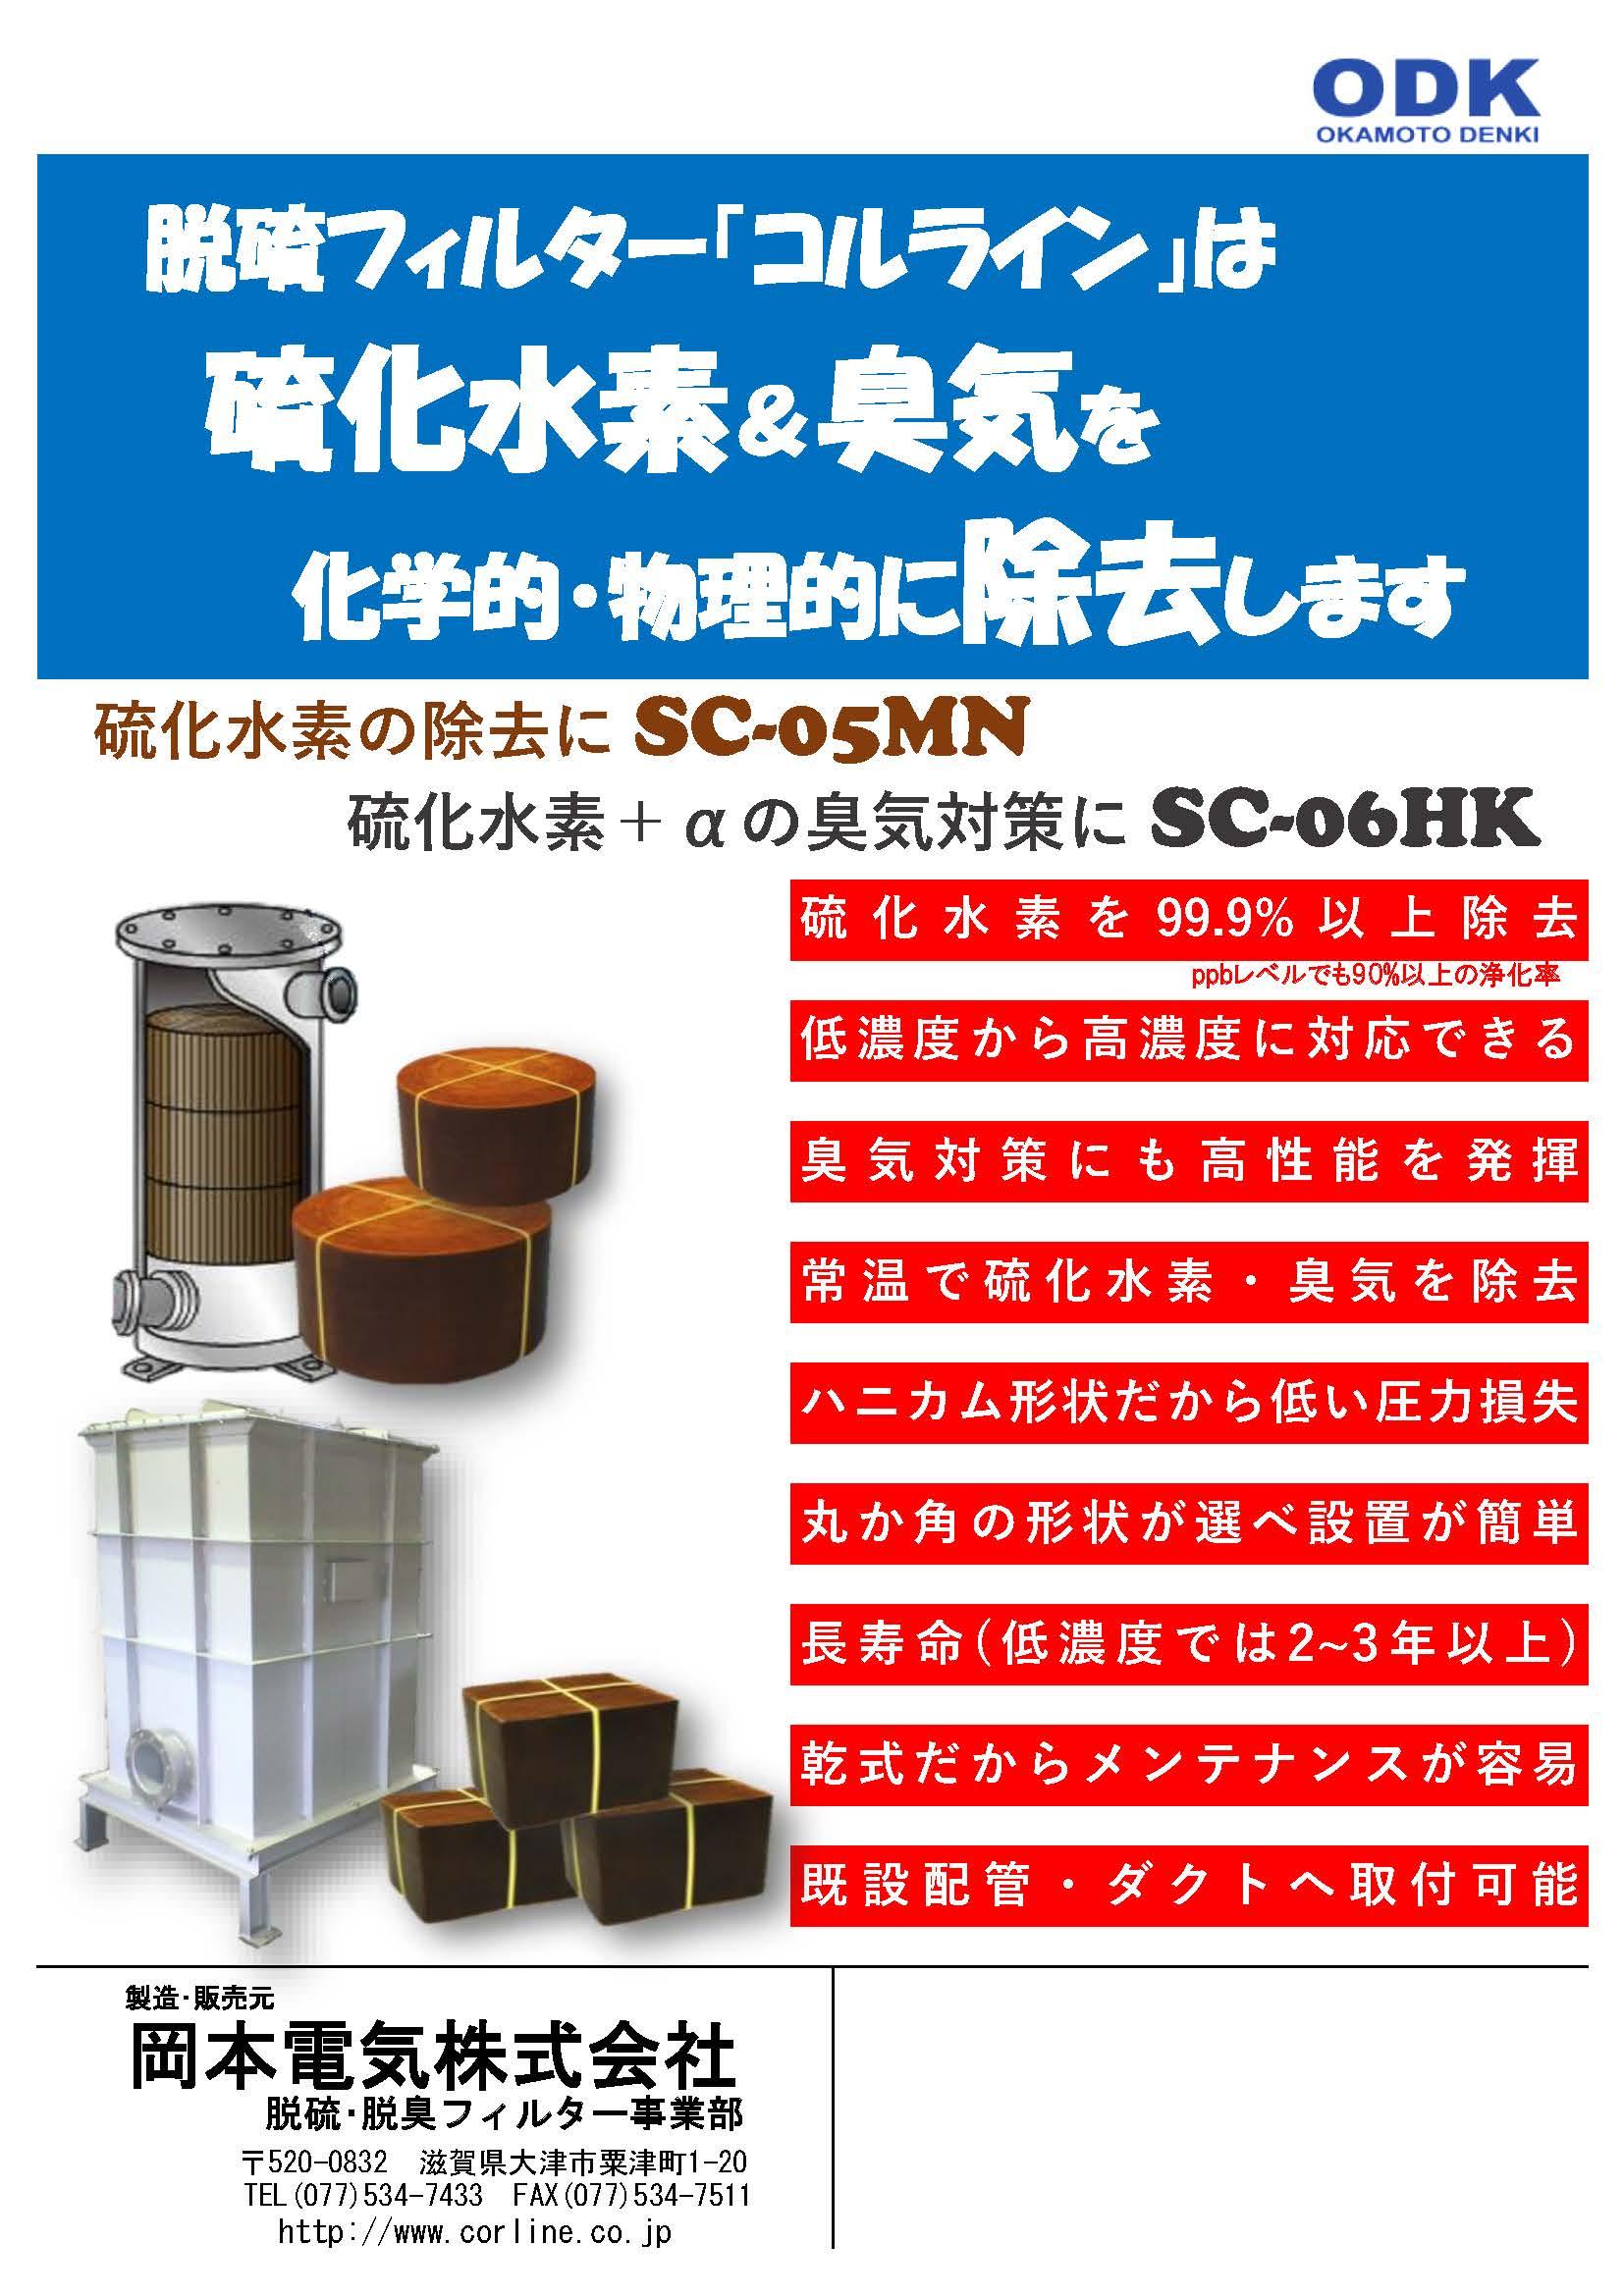 硫化水素除去・脱臭フィルターコルラインリーフレット